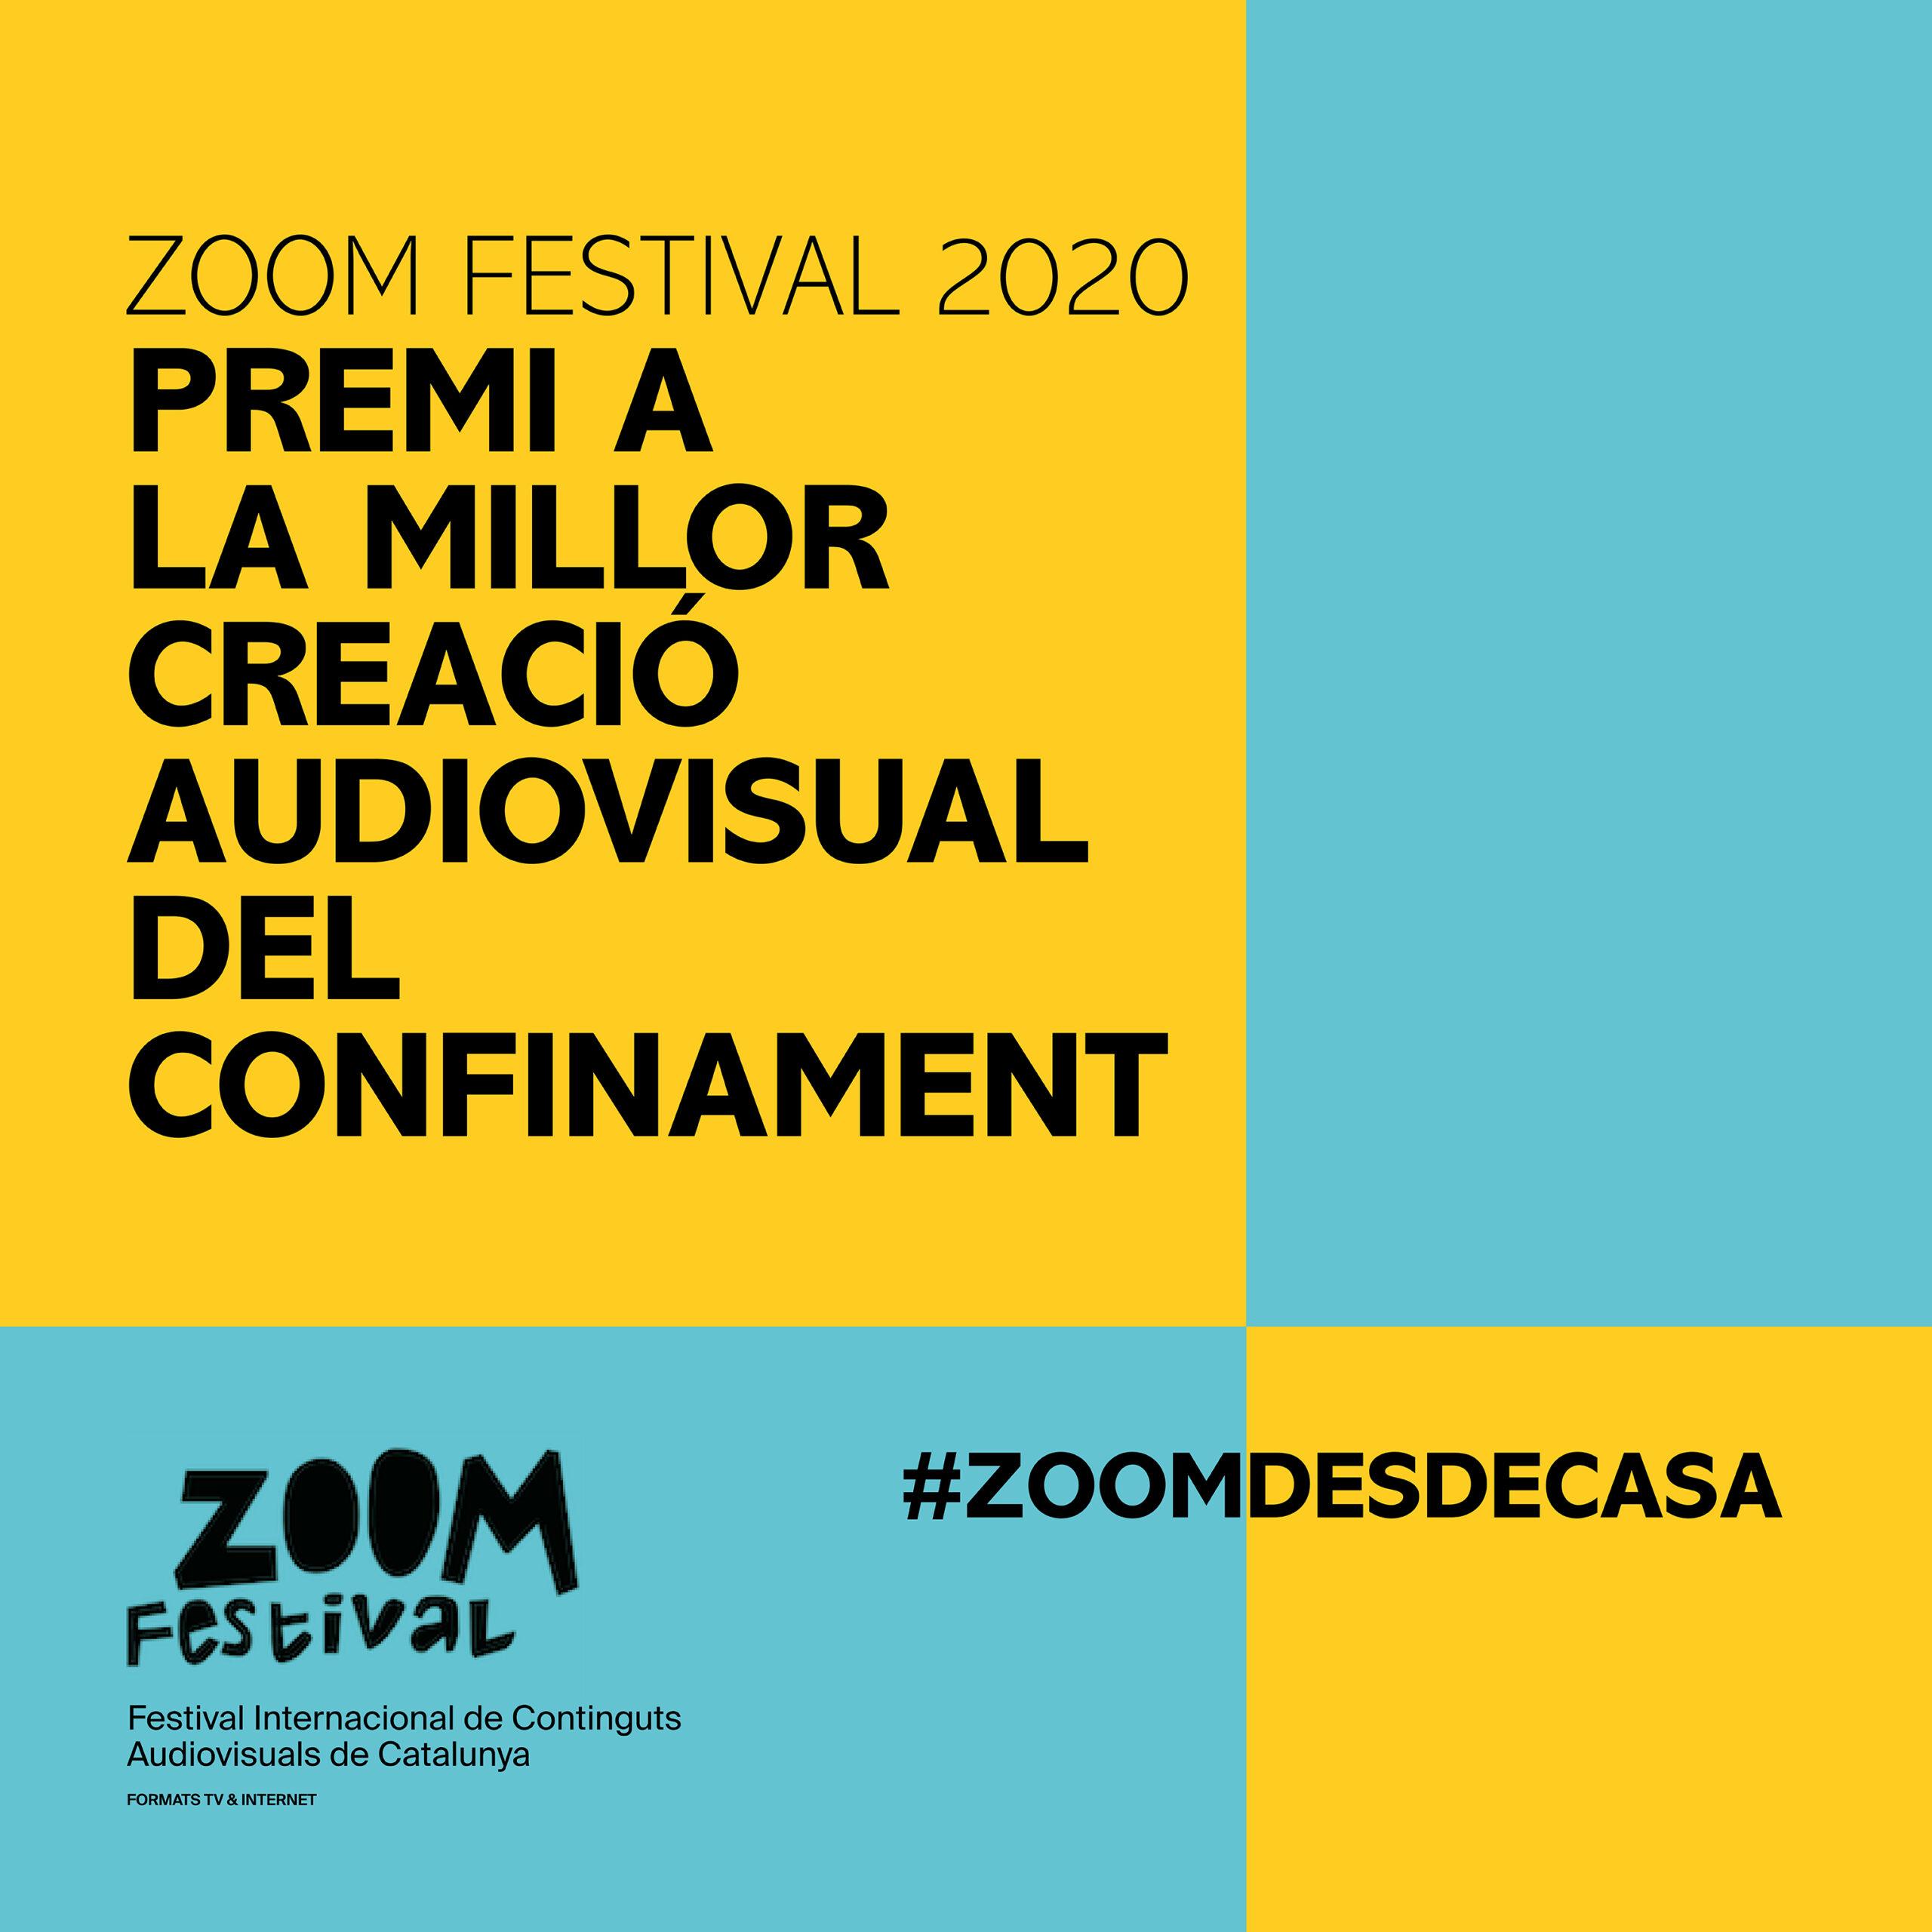 """Premis #ZoomdesdeCasa I """"Confitats En Curt"""" D'Òmnium Cultural"""